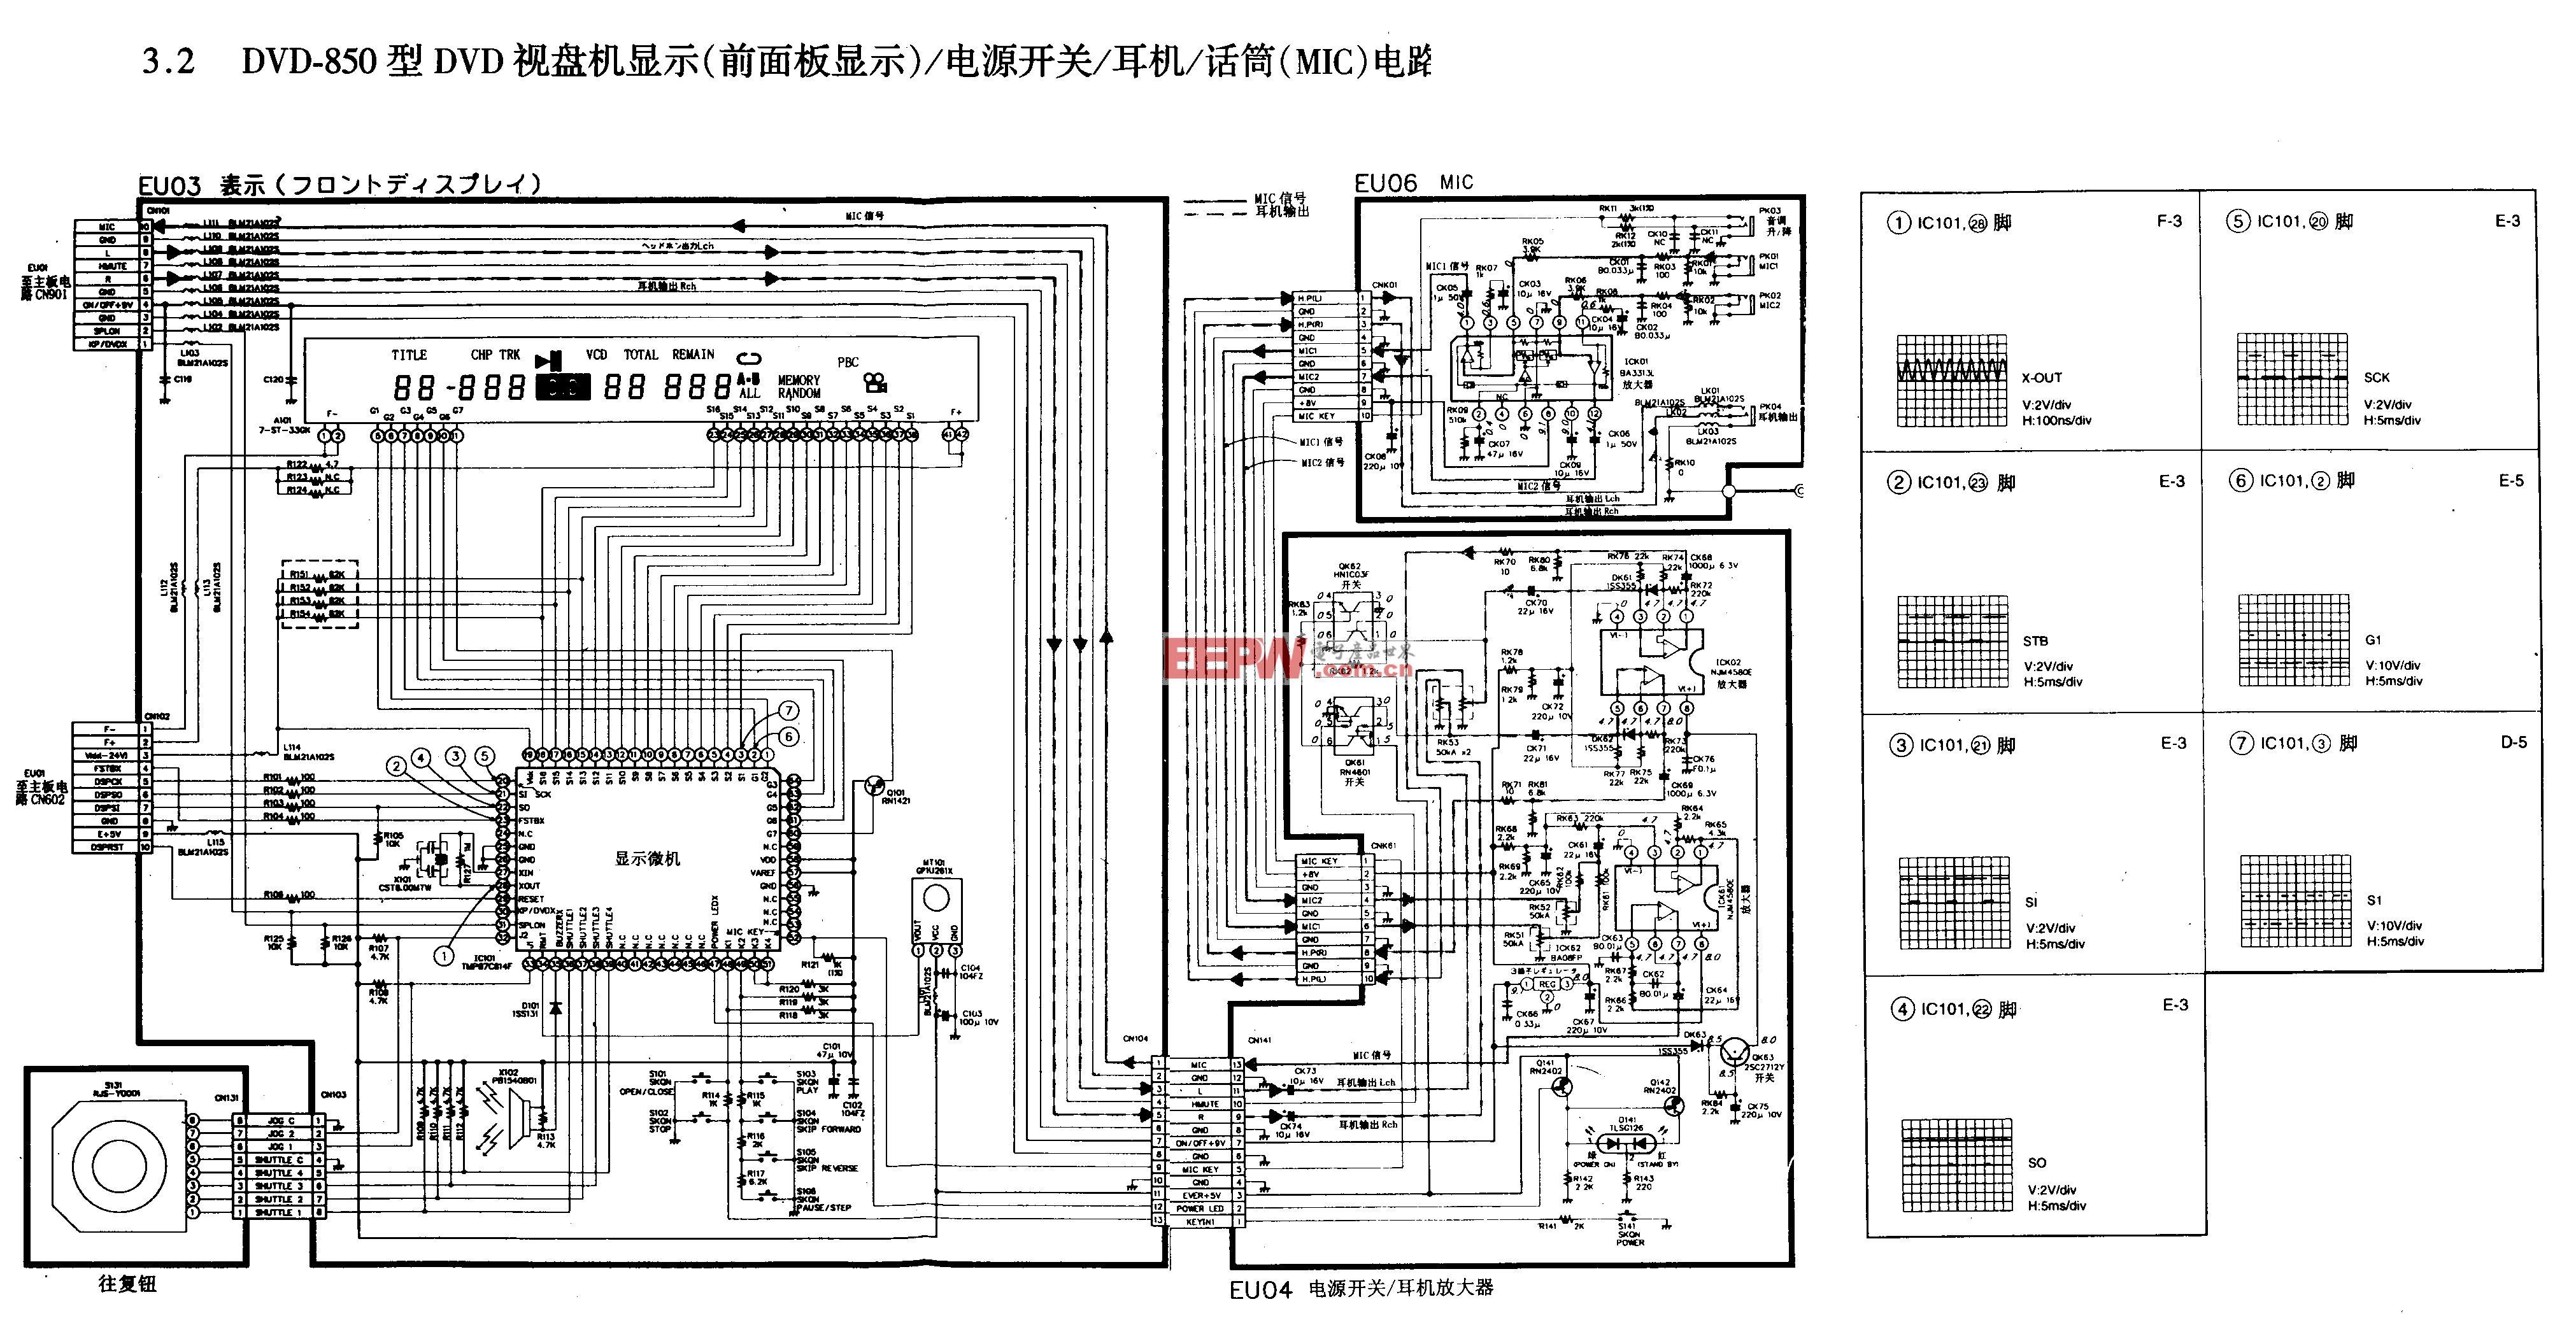 新科DVD-850型DVD-前面板显示/电源开关/耳机/话筒电路图